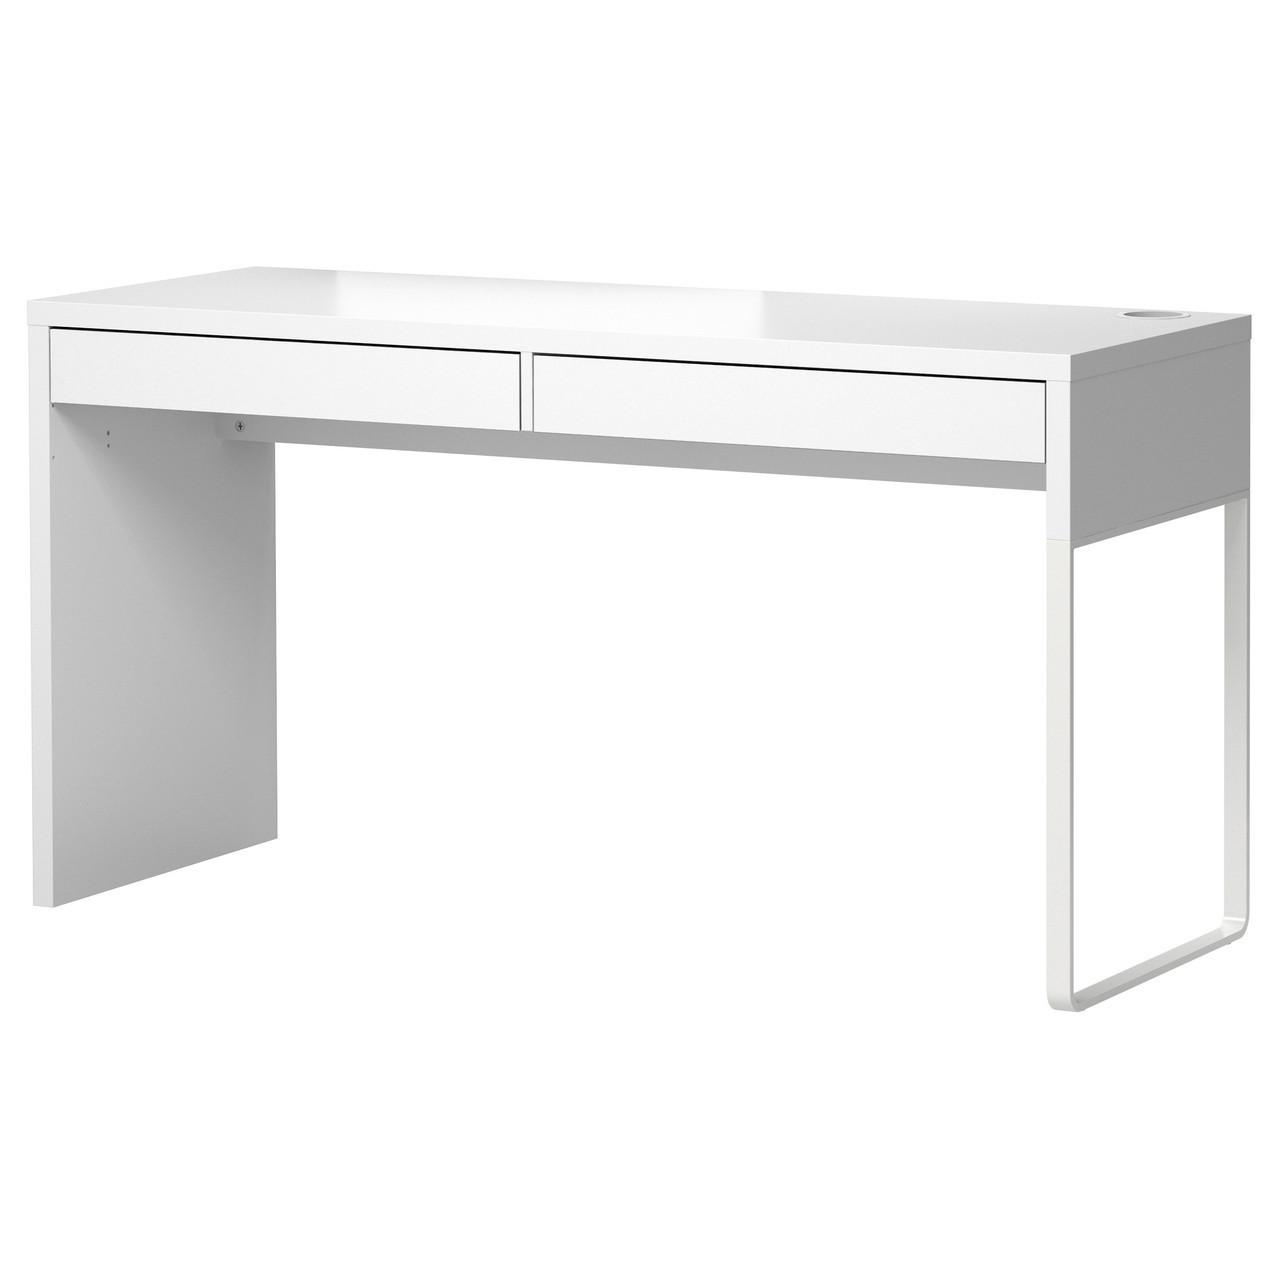 MICKE Письмовий стіл, білий 902.143.08